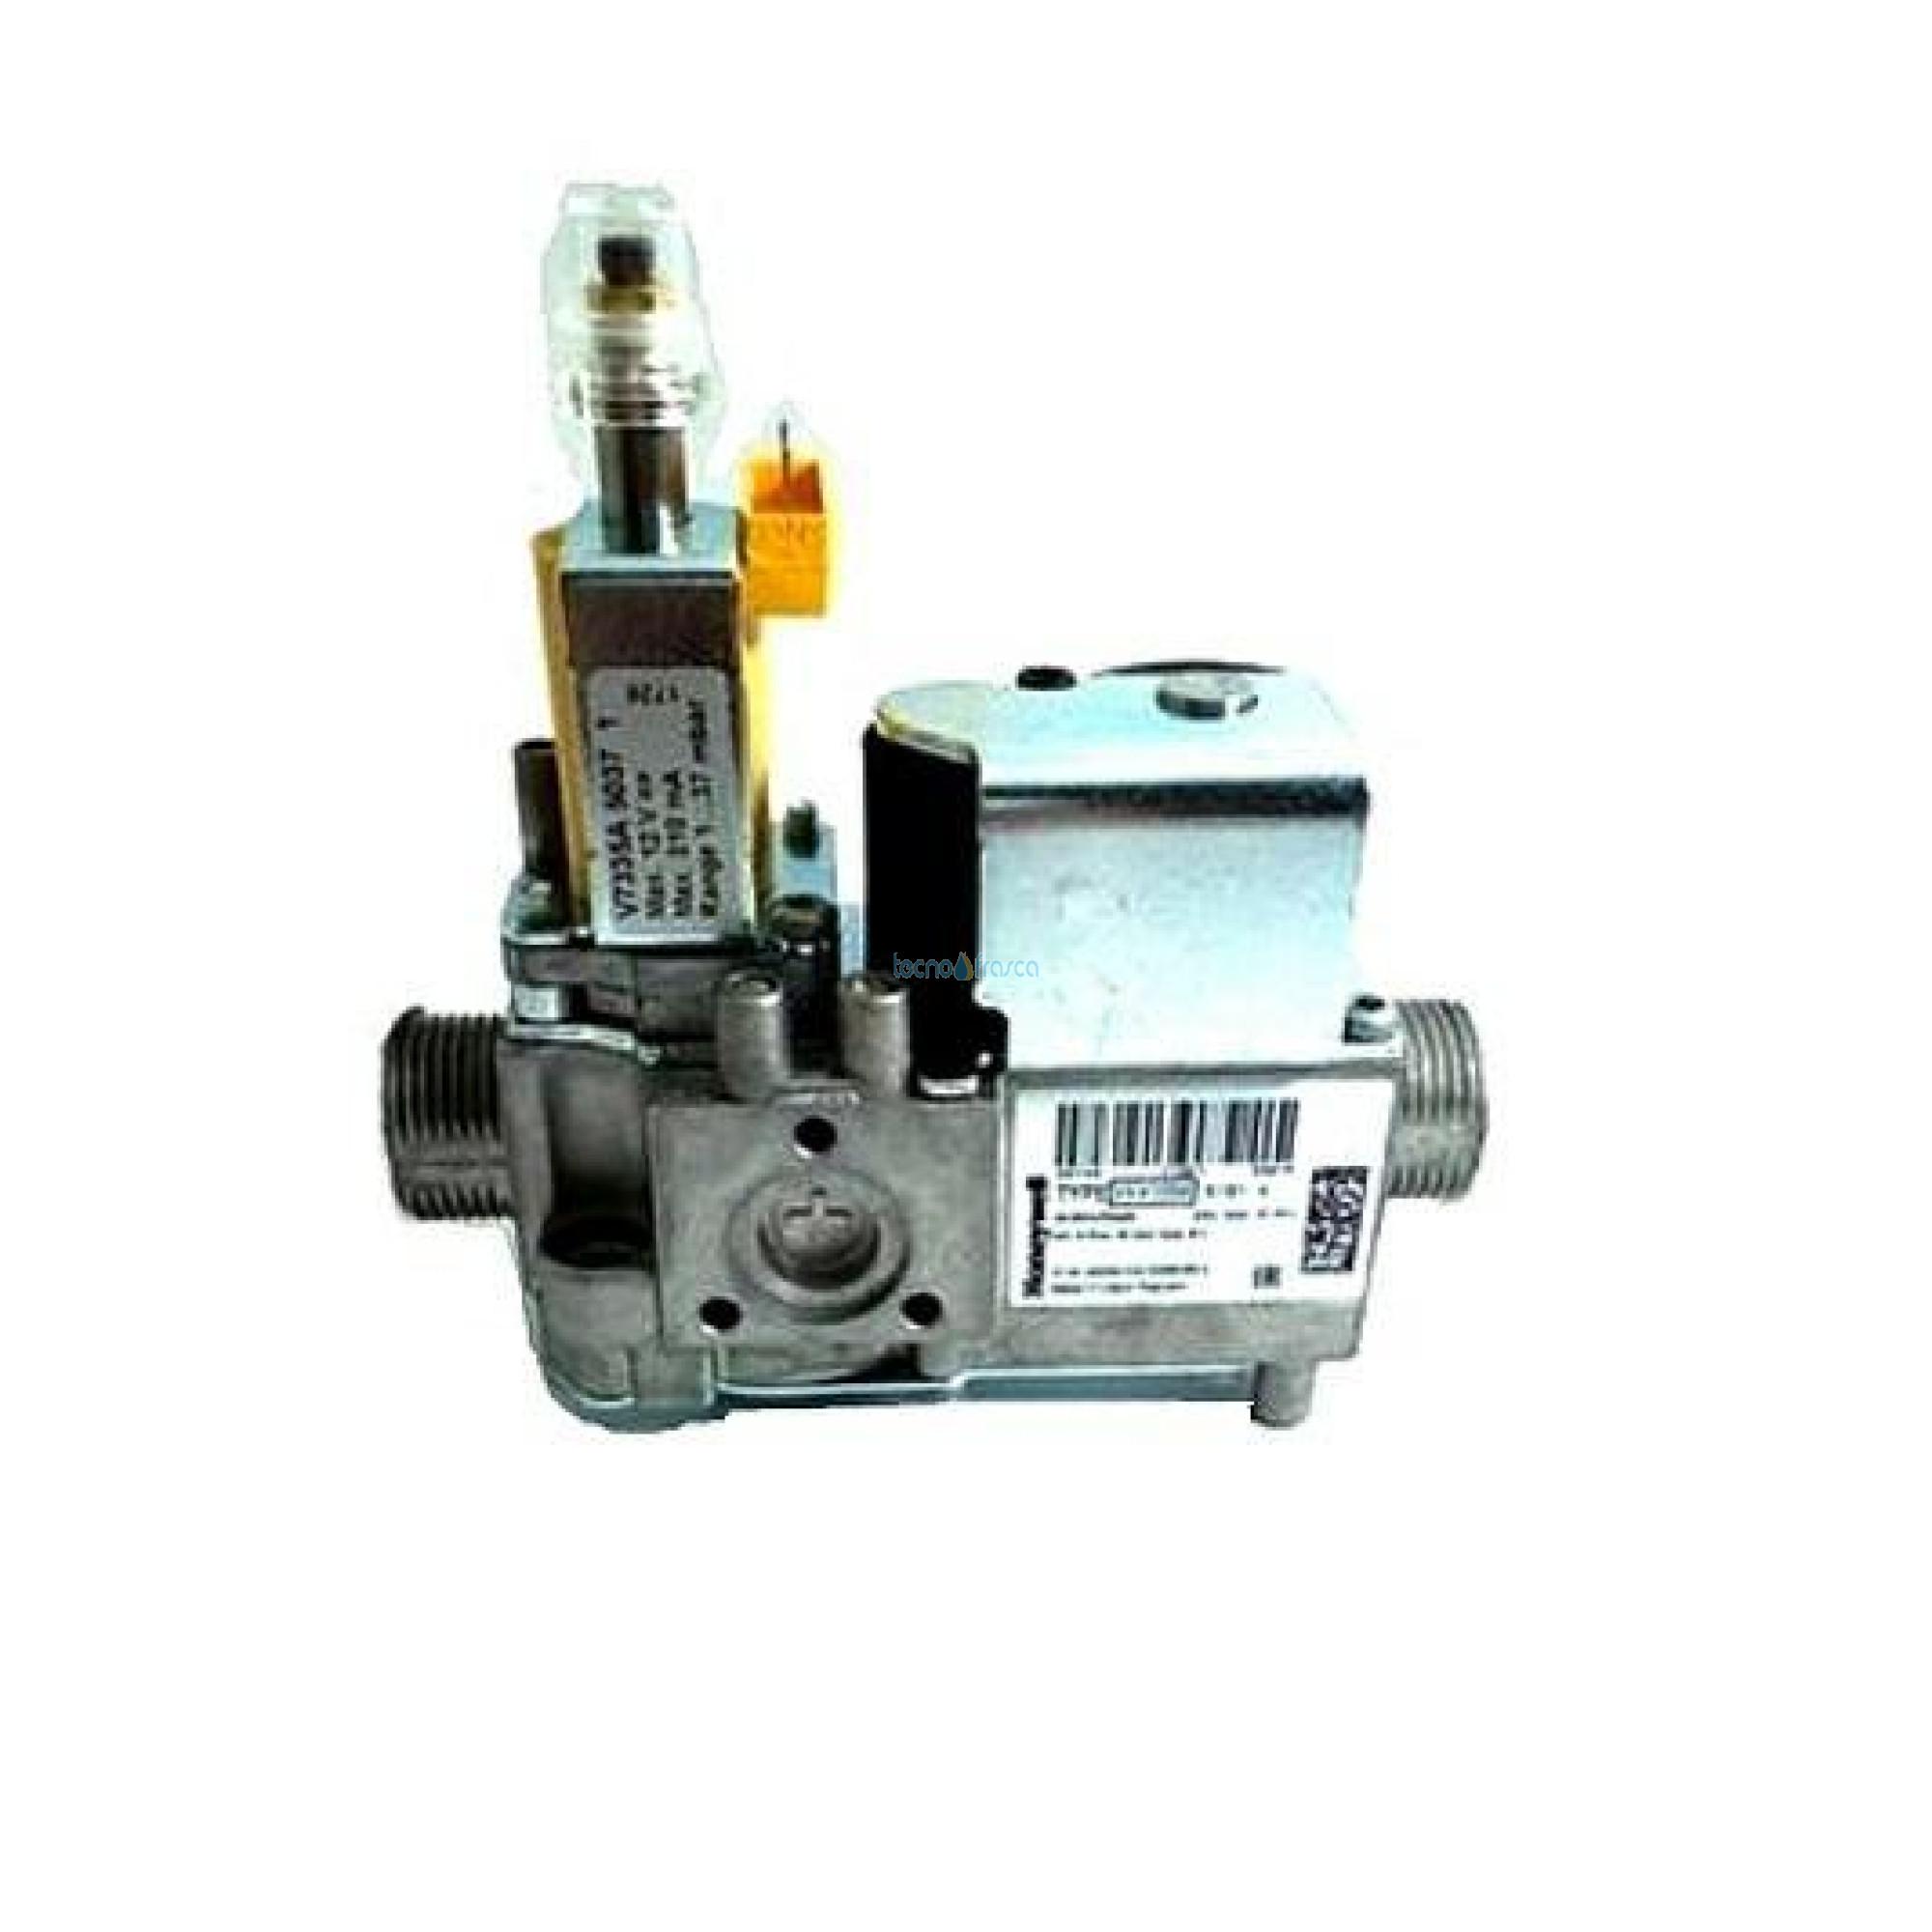 Baxi valvola gas vk4105m5181 g3/4 710669200